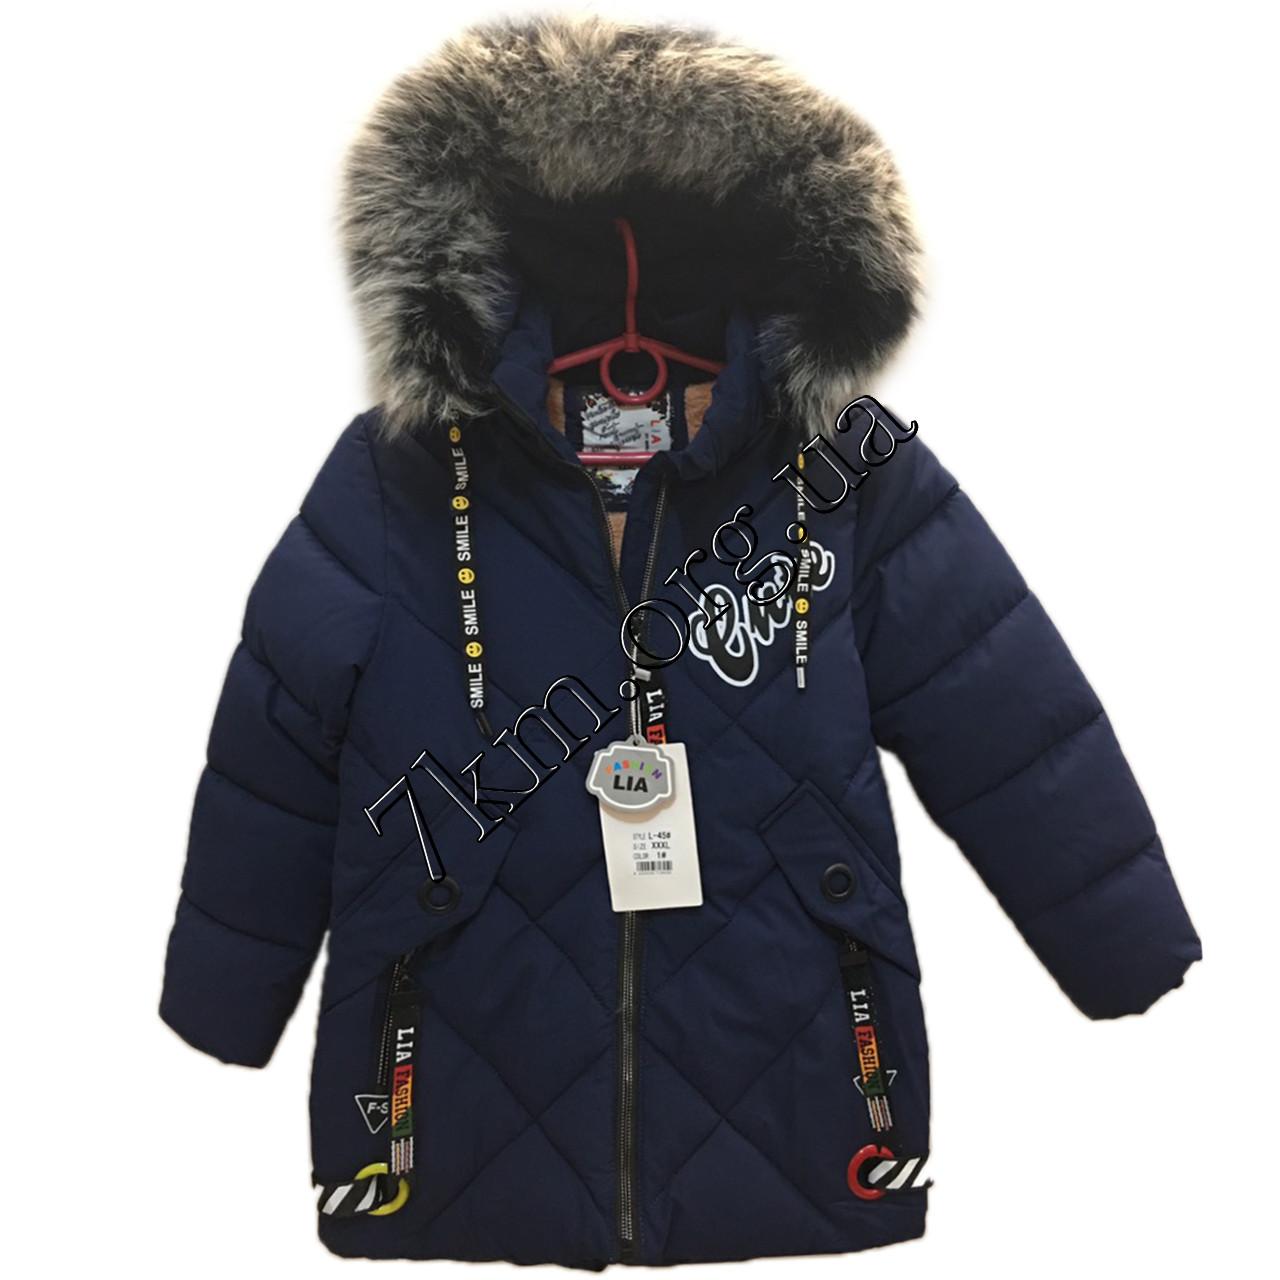 Куртка детская для девочек 5-10 лет Украина Оптом 271001